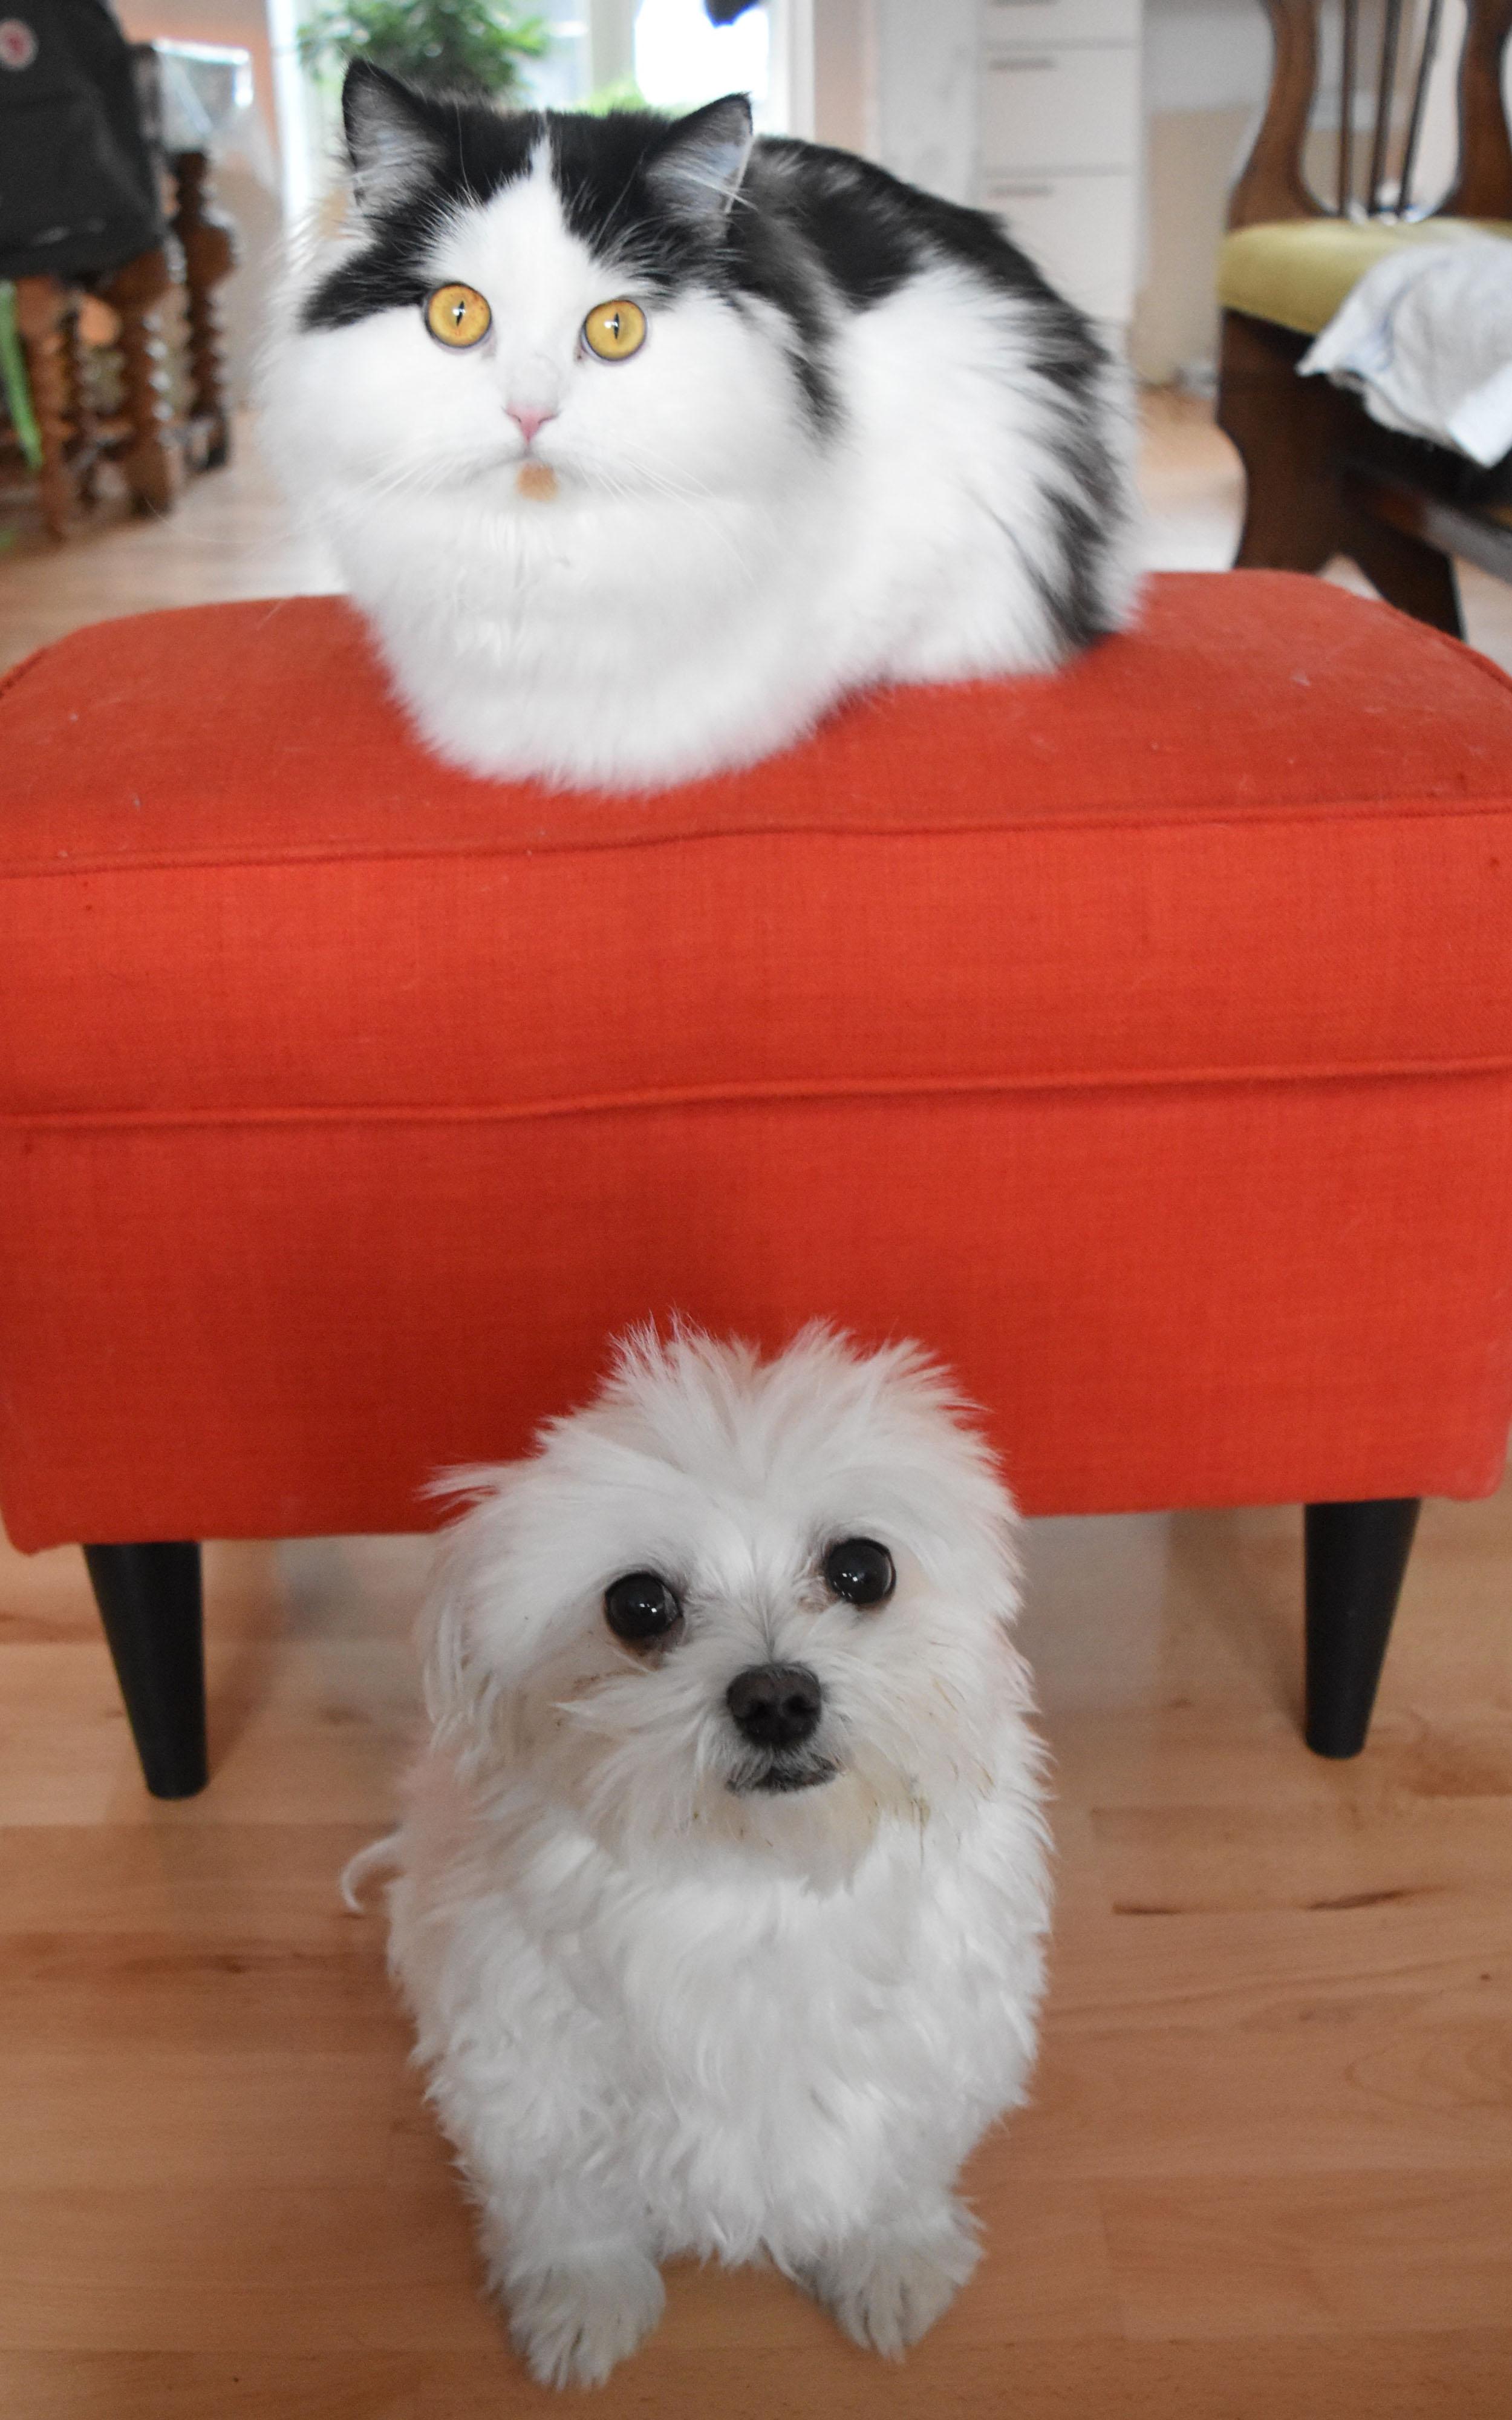 Bonus foto af Kivistik og Cleo. Kivistik vejer 4.4 kg og Cleo er lidt mindre.